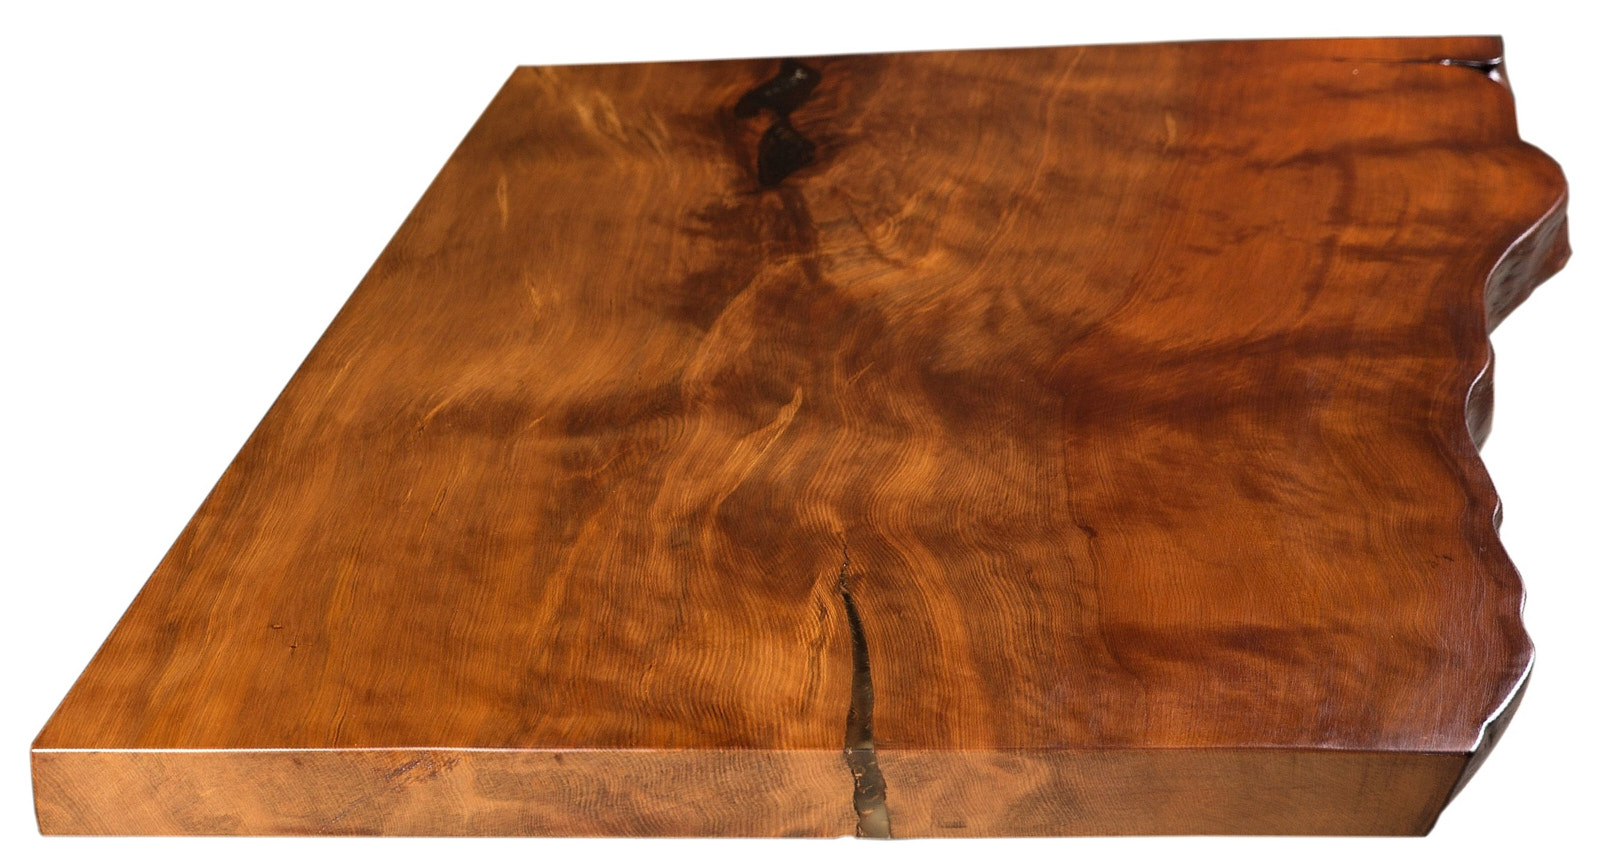 Kunstvolle massive Kauri Tischplatte vom Besprechungstisch und Konferenztisch an einem Stück mit Baumkante